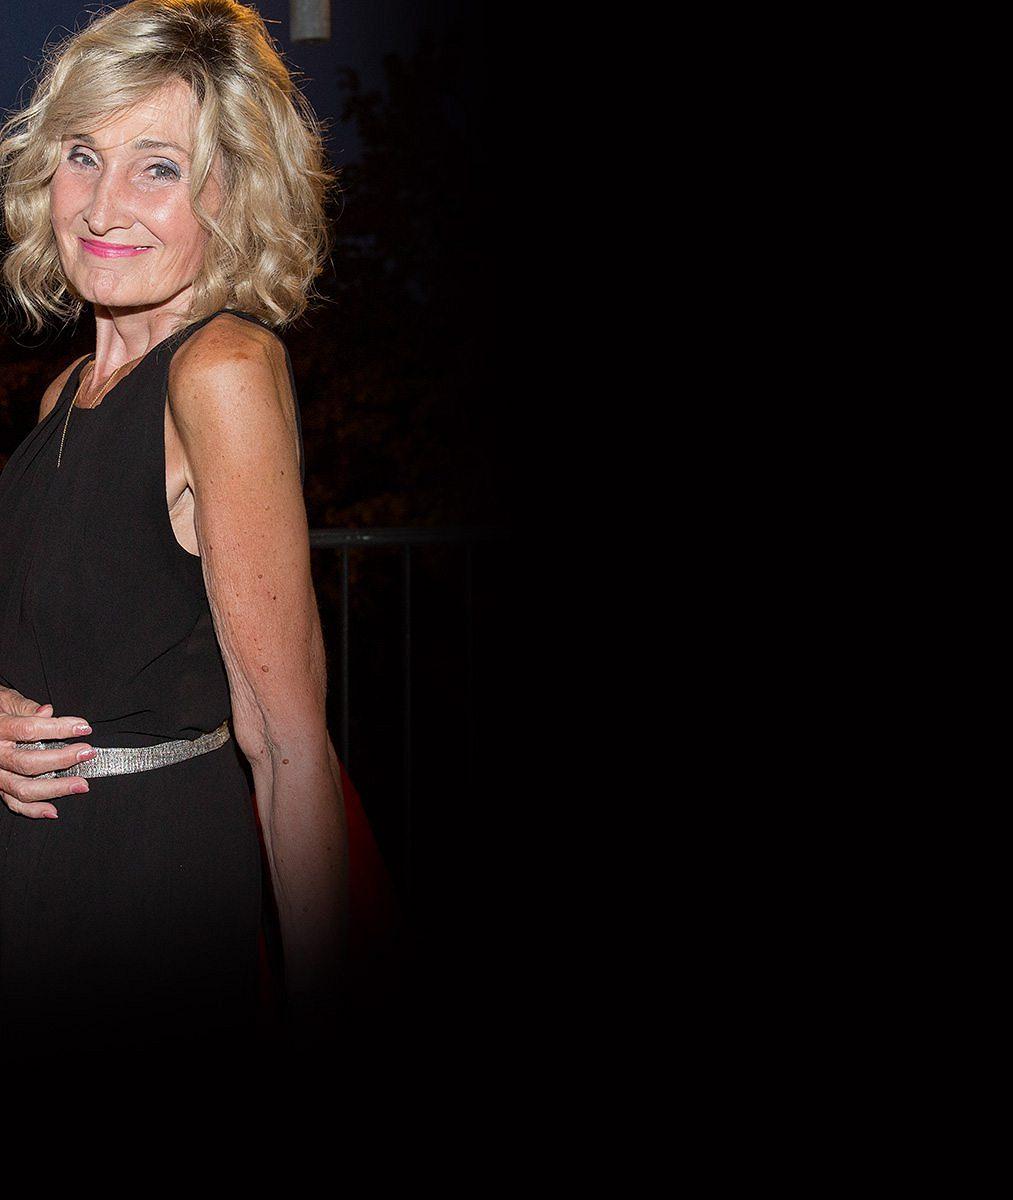 Zuzana Bubílková se očkovat proti covidu nenechá: Bojí se, že by se jí vrátila rakovina